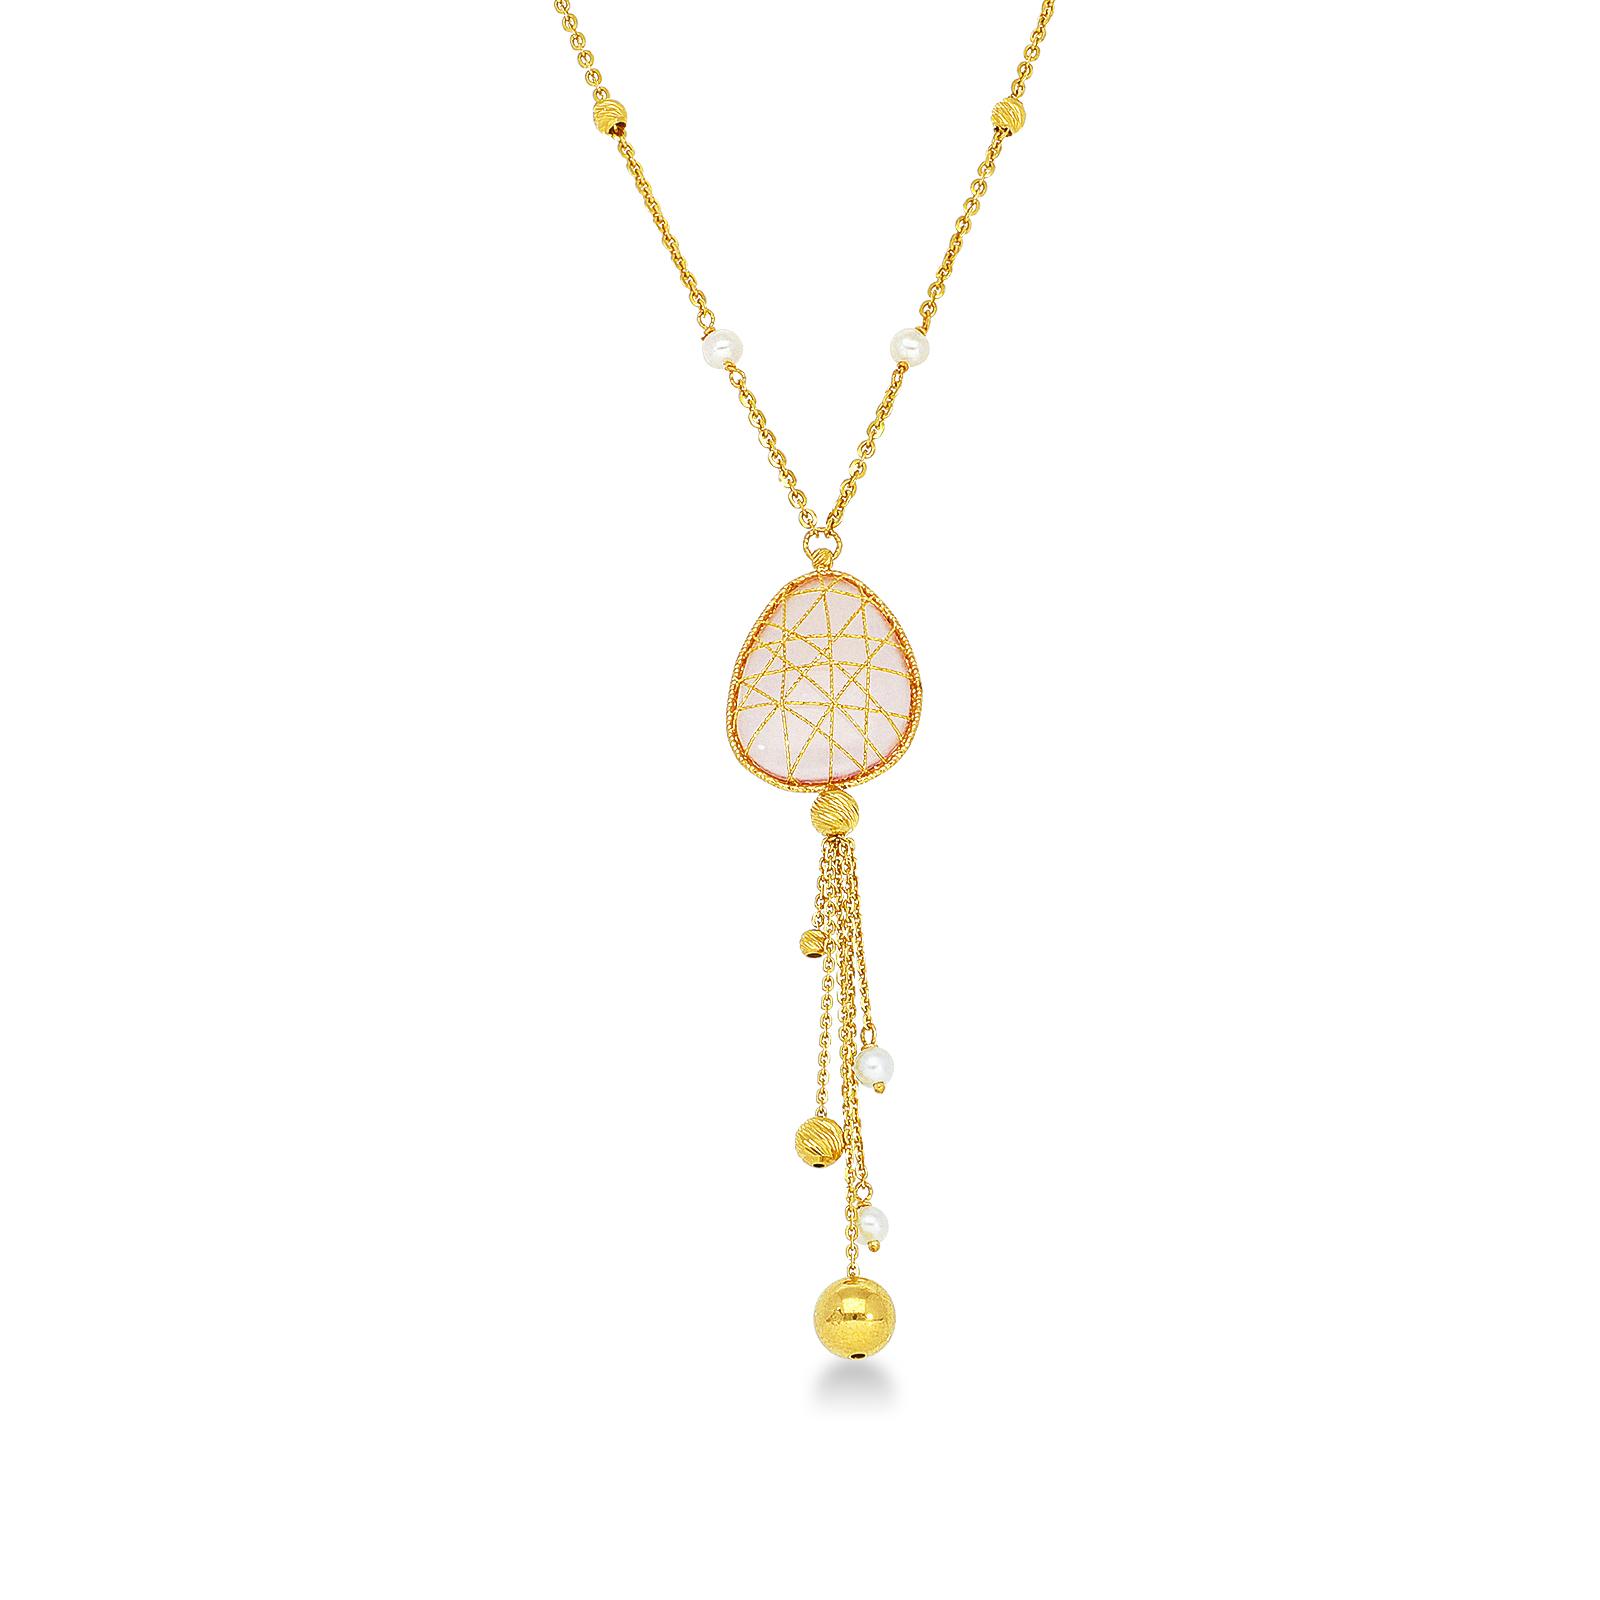 Collana con pendente in oro giallo 18k quarzo rosa e perle naturali coltivate.